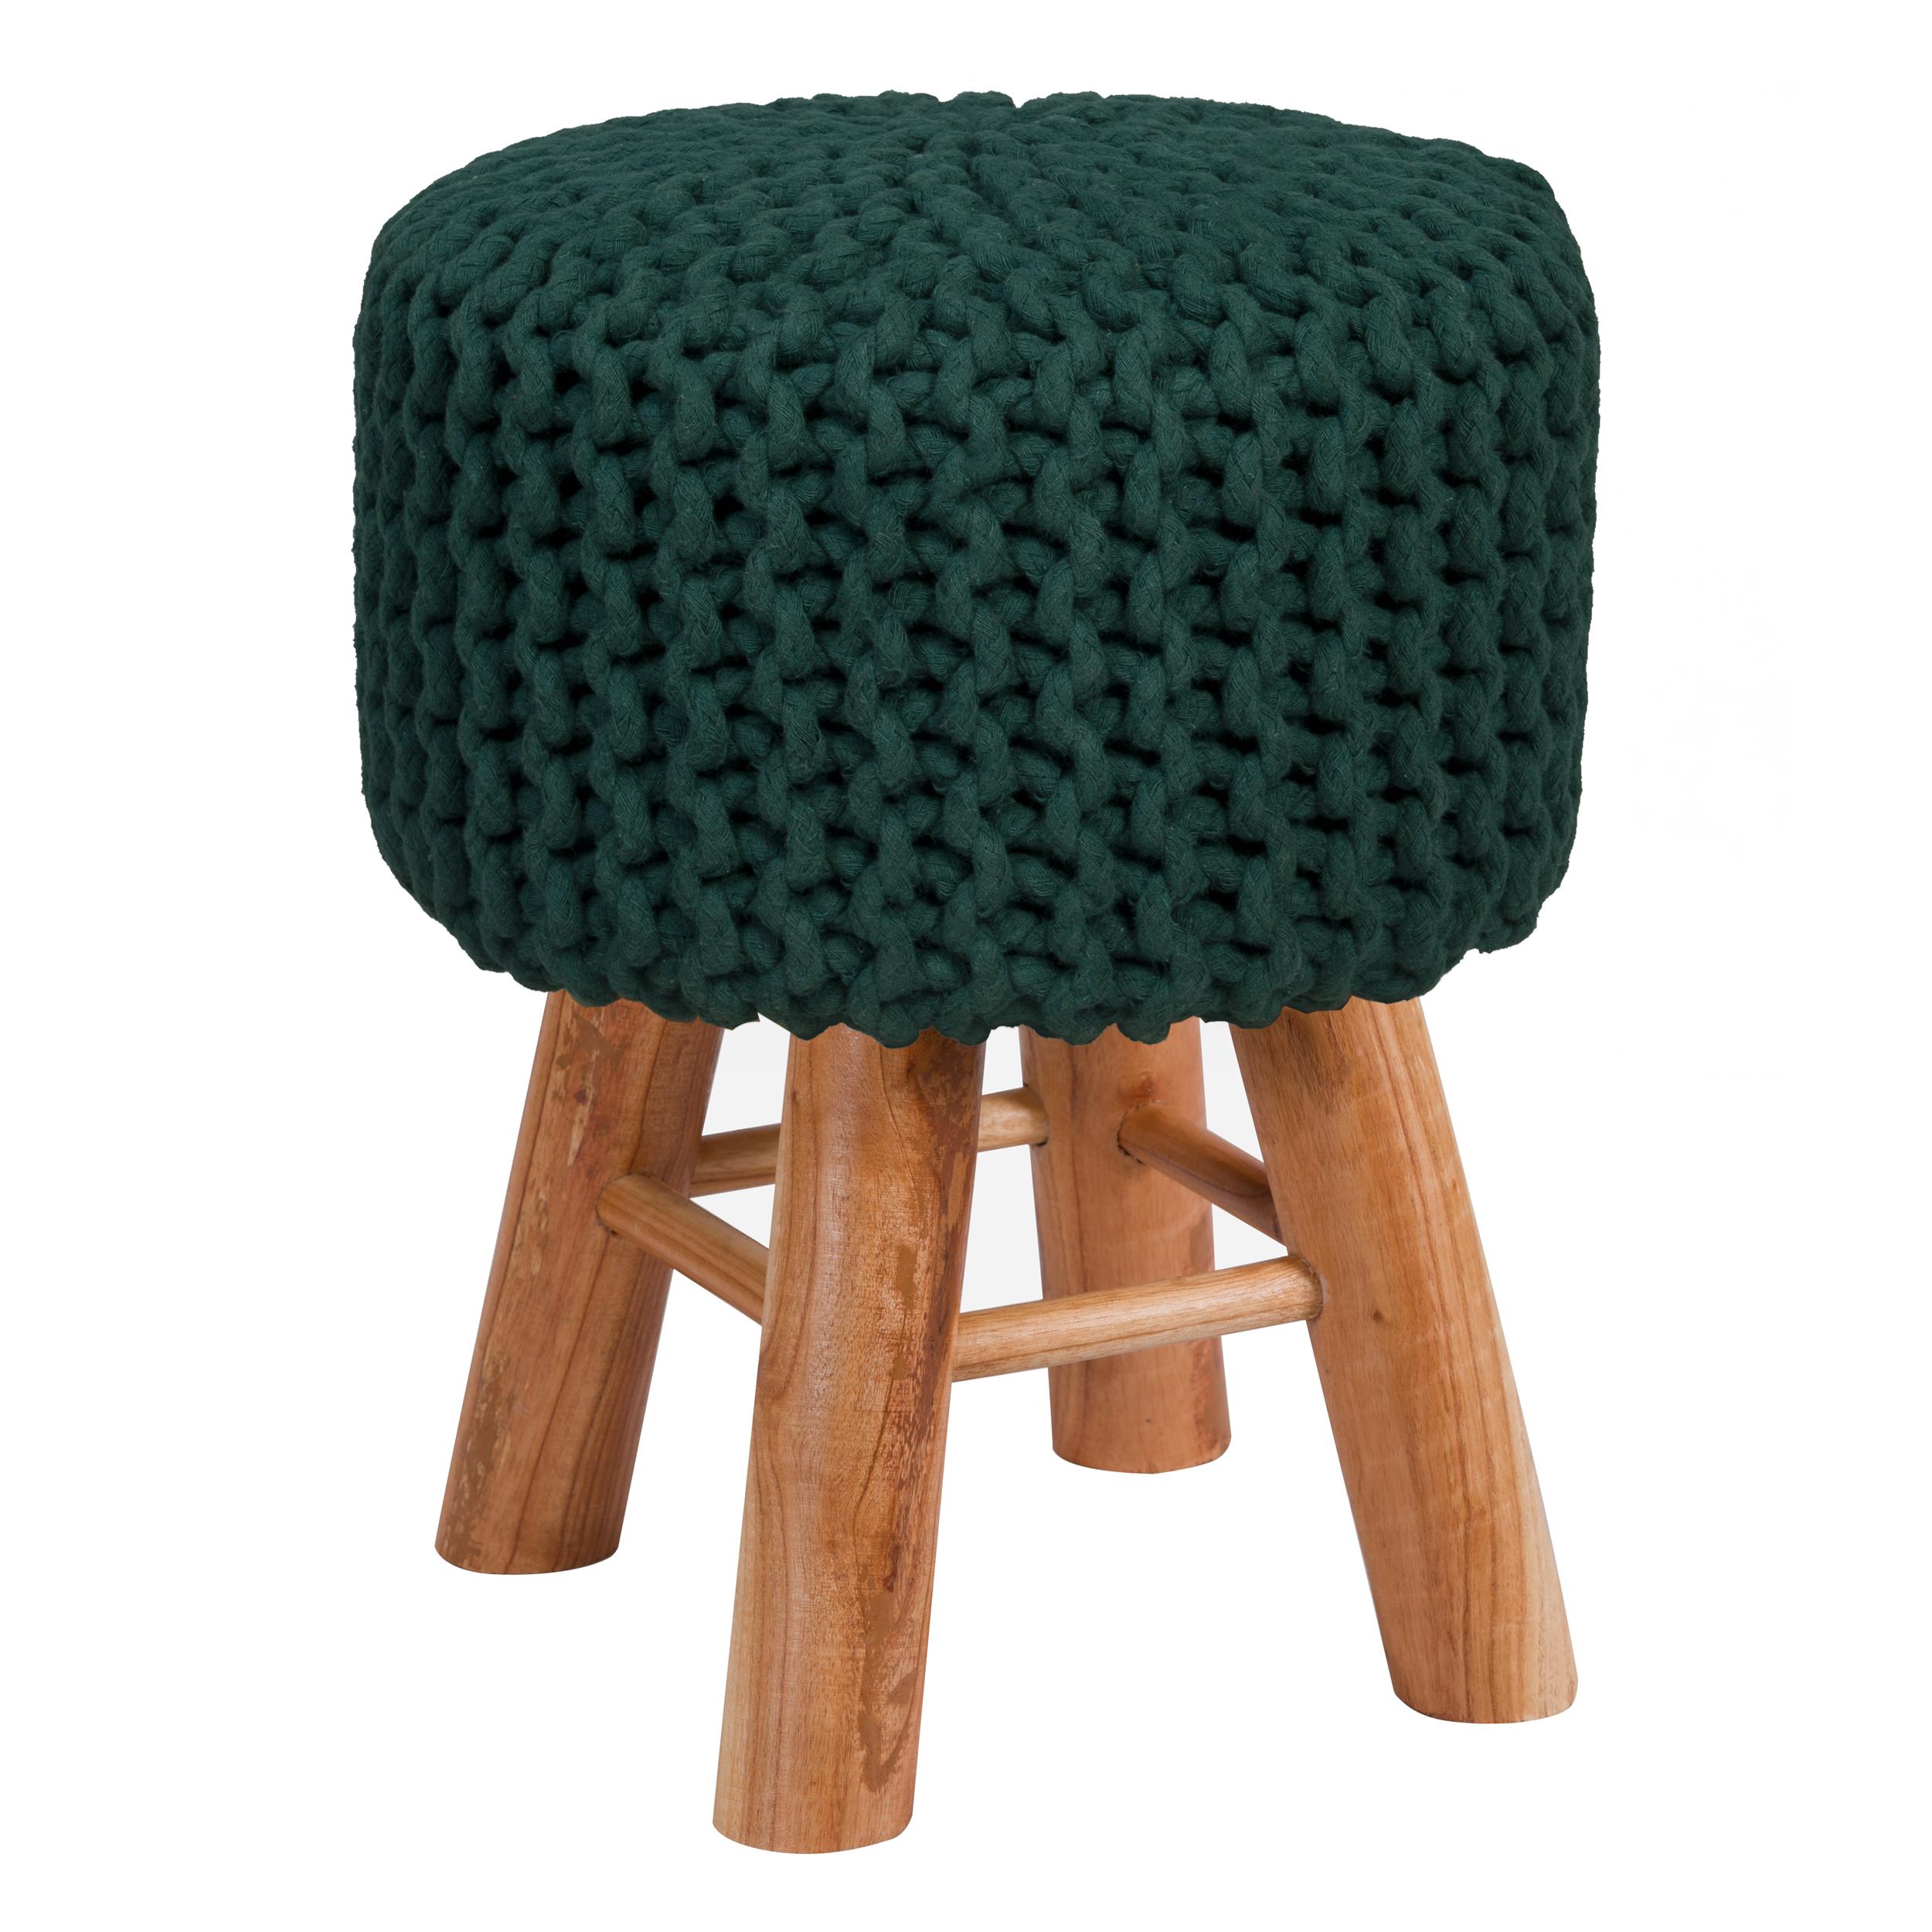 Tabouret tricot en coton vert sapin